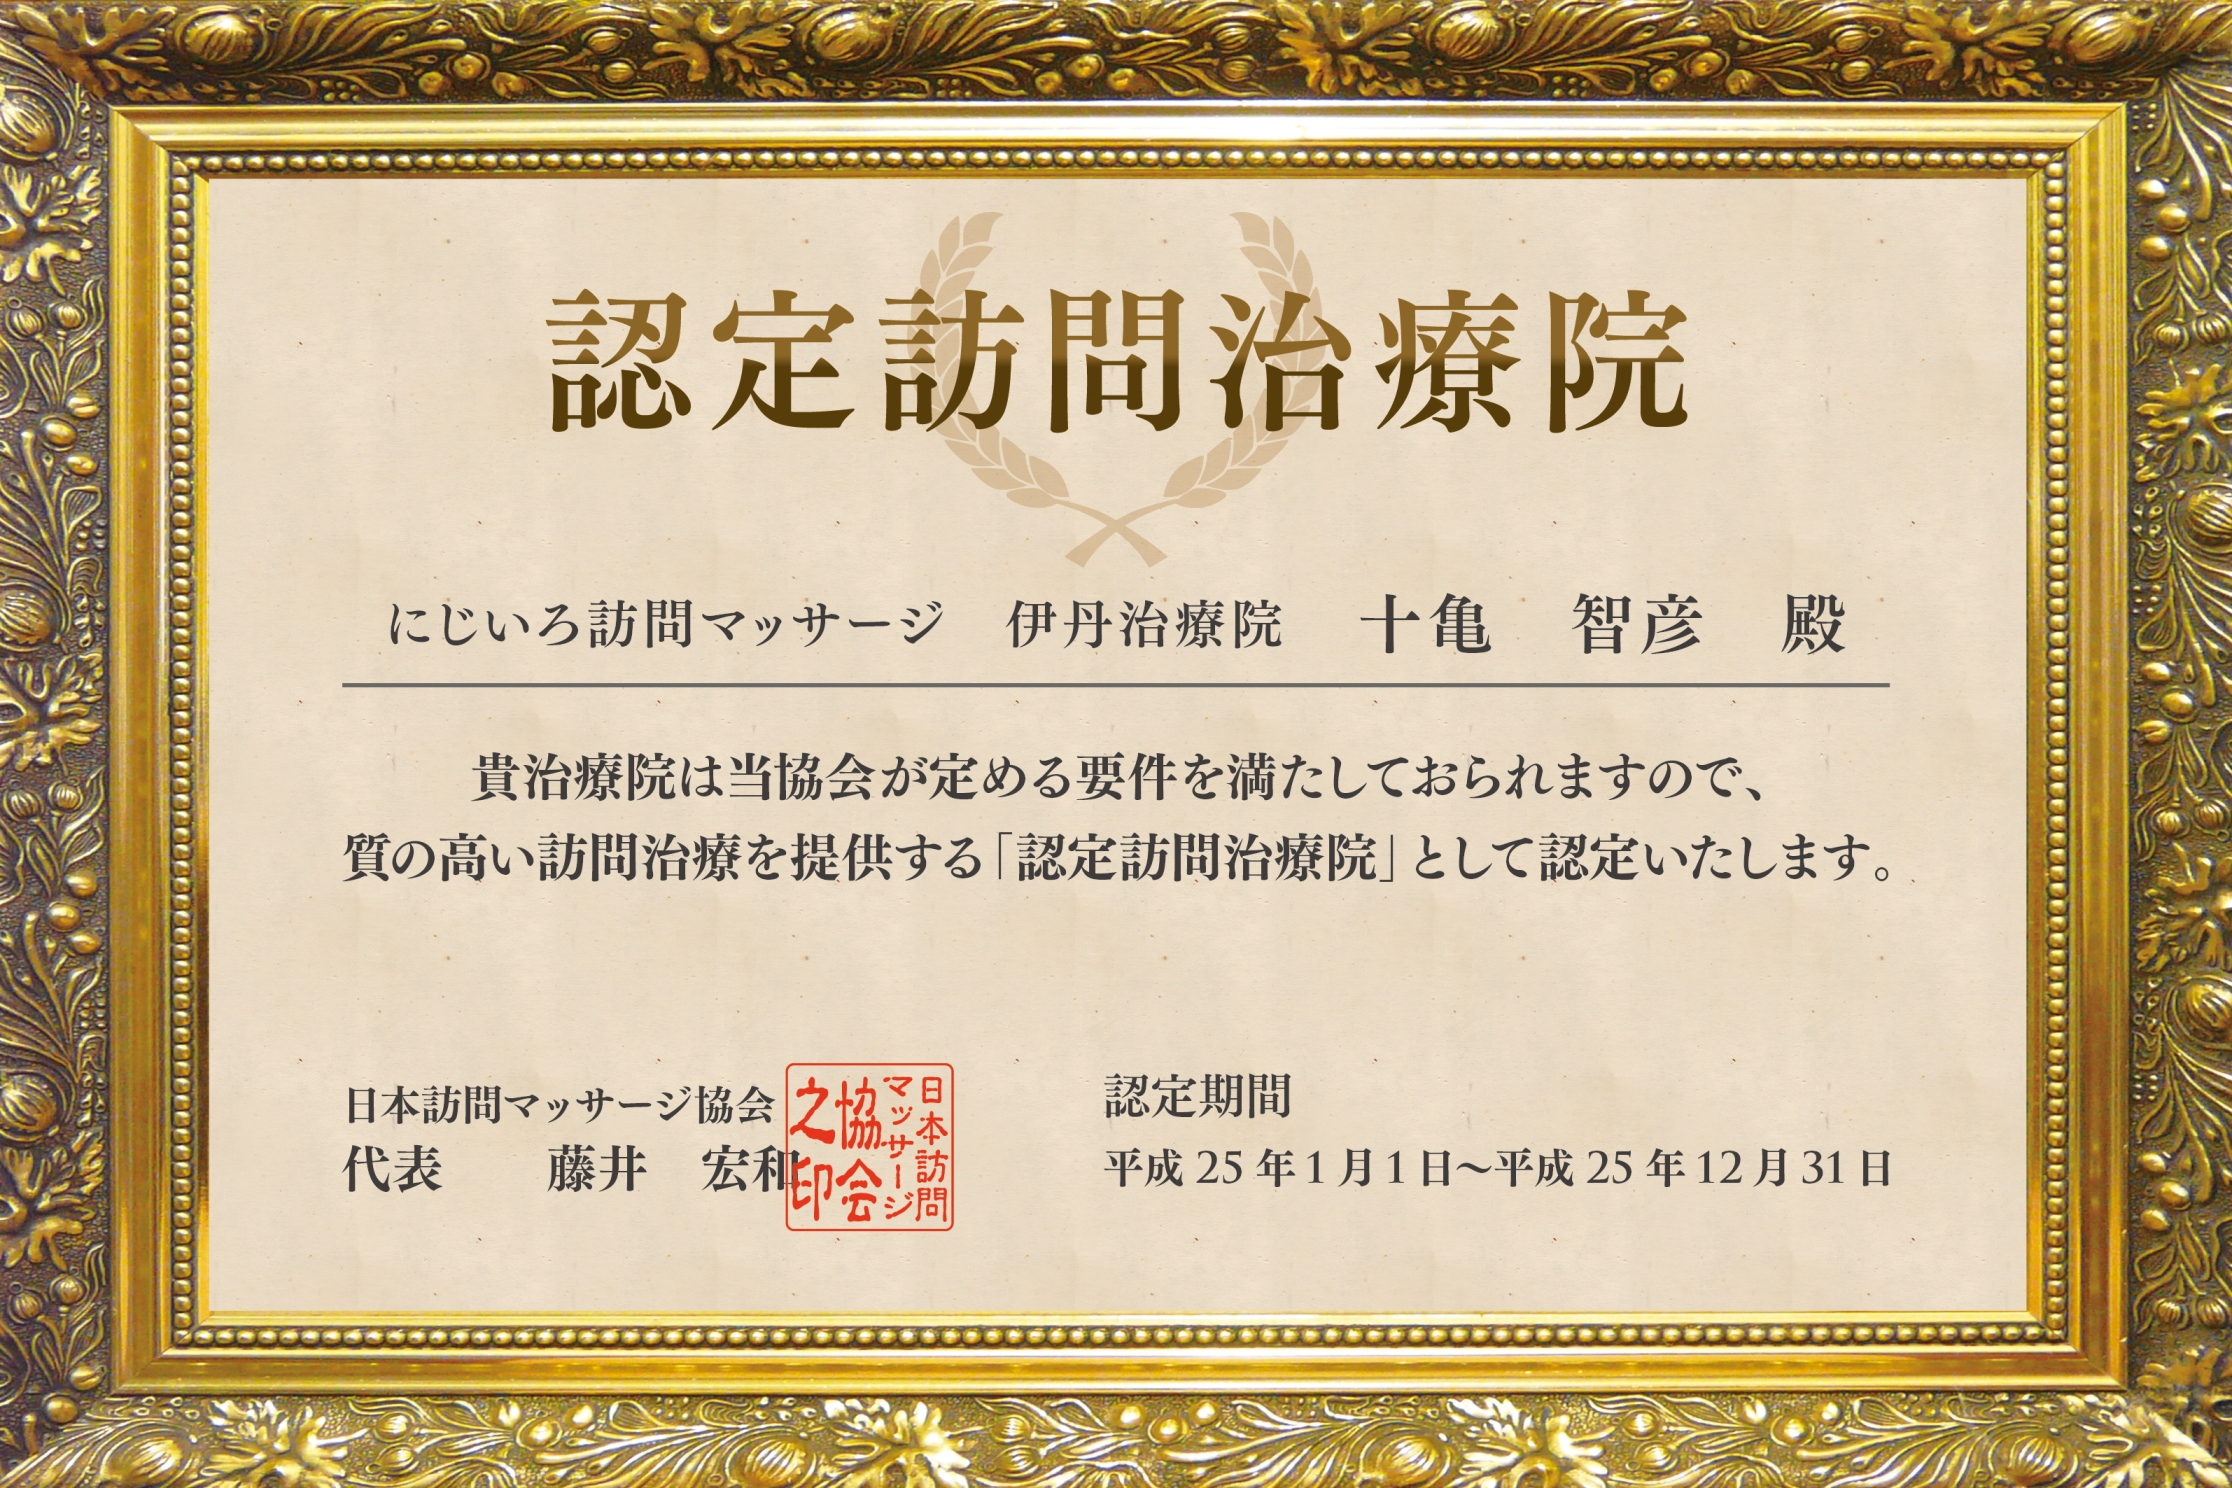 日本訪問マッサージ協会認定証